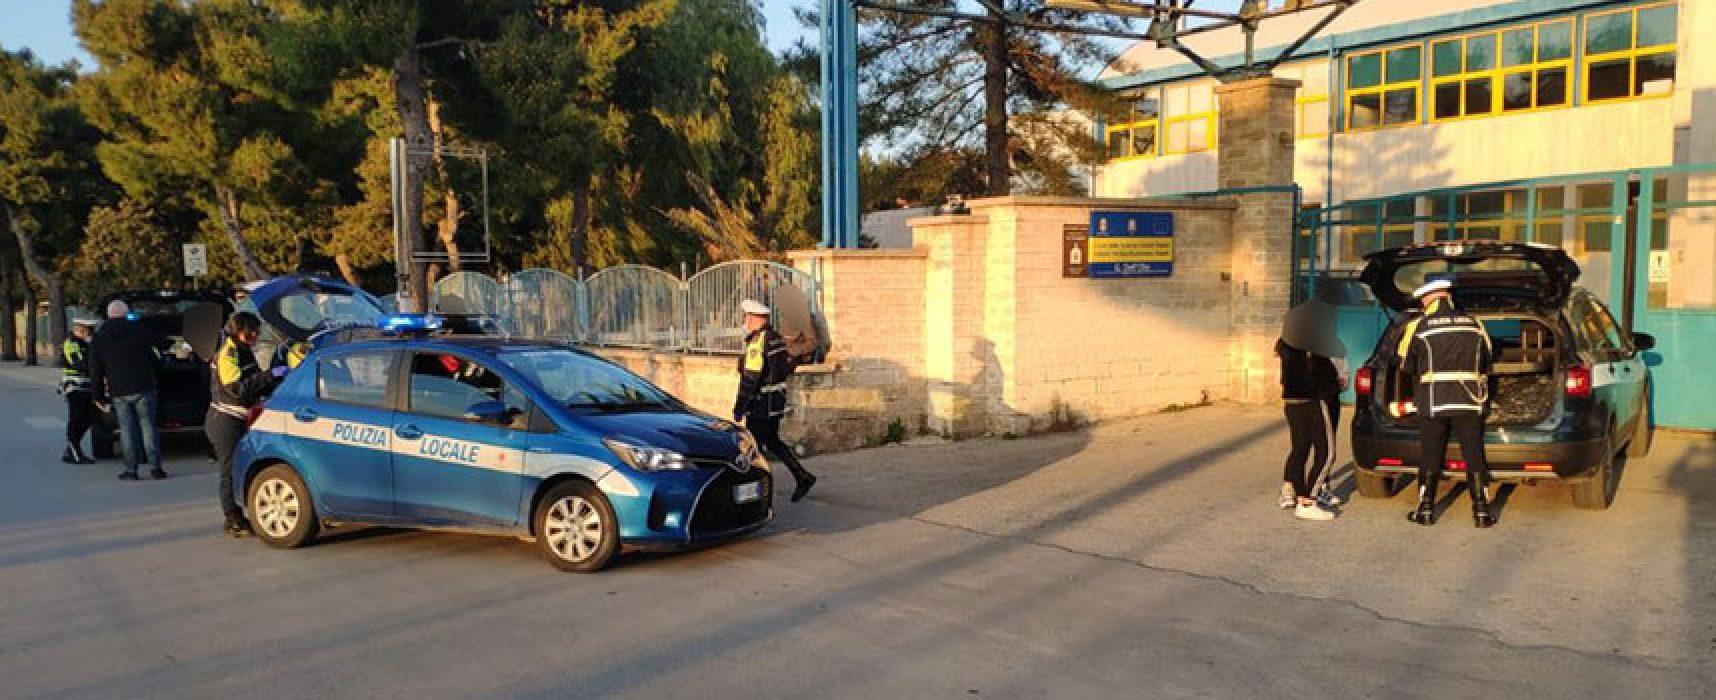 Continuano i controlli in città, salgono a 23 le denunce penali